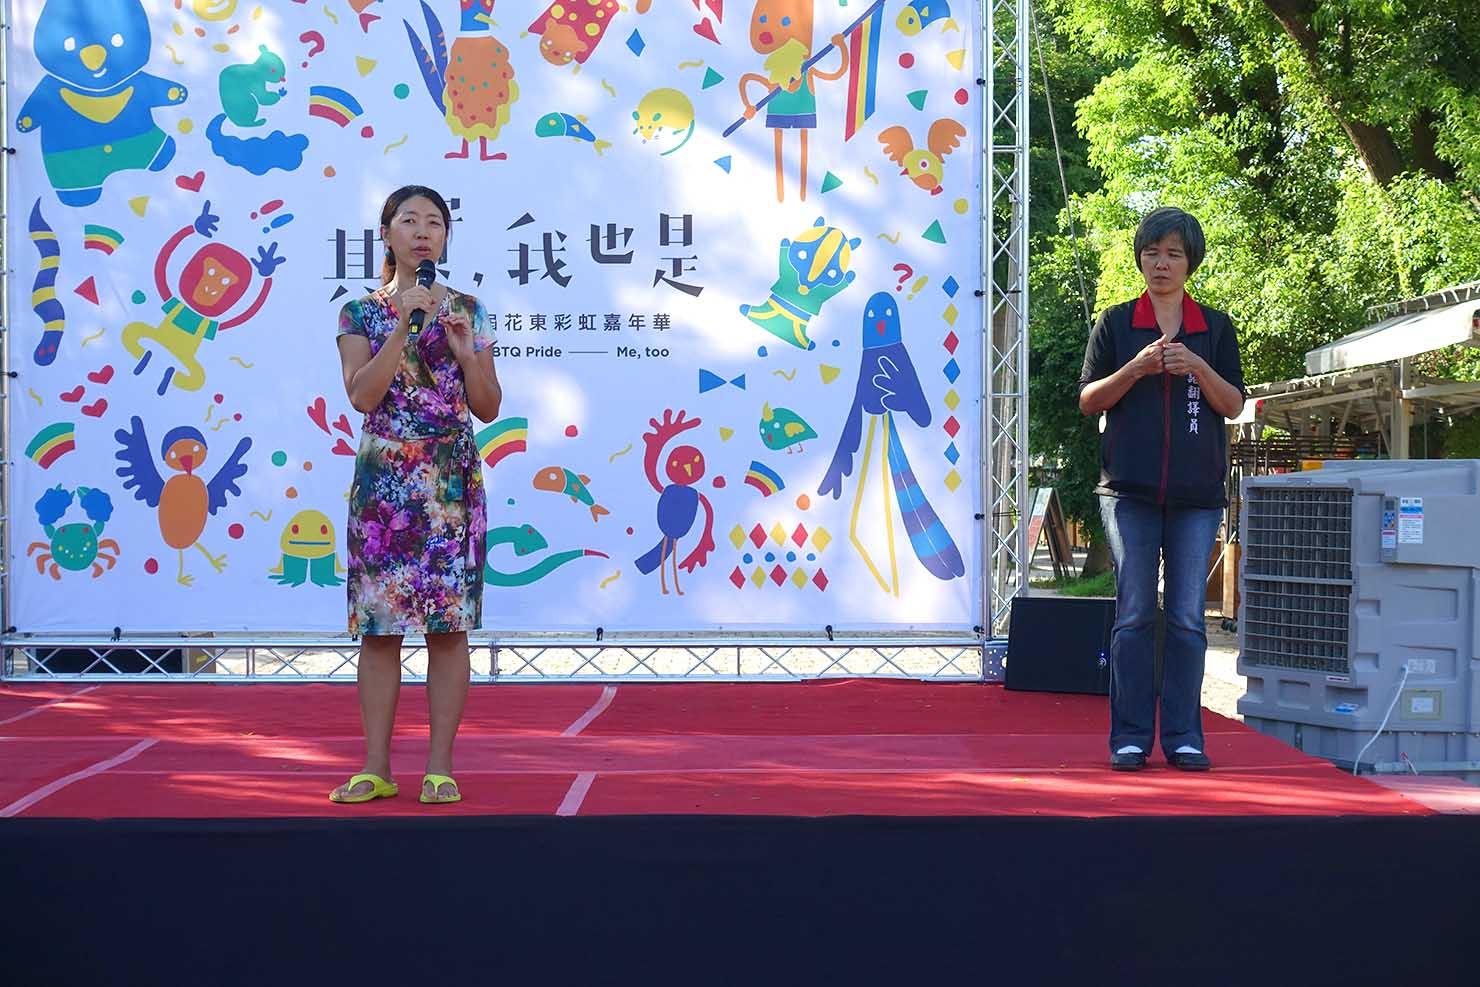 台湾東部のLGBTプライド「花東彩虹嘉年華」パレード後のステージに立つ大学教授